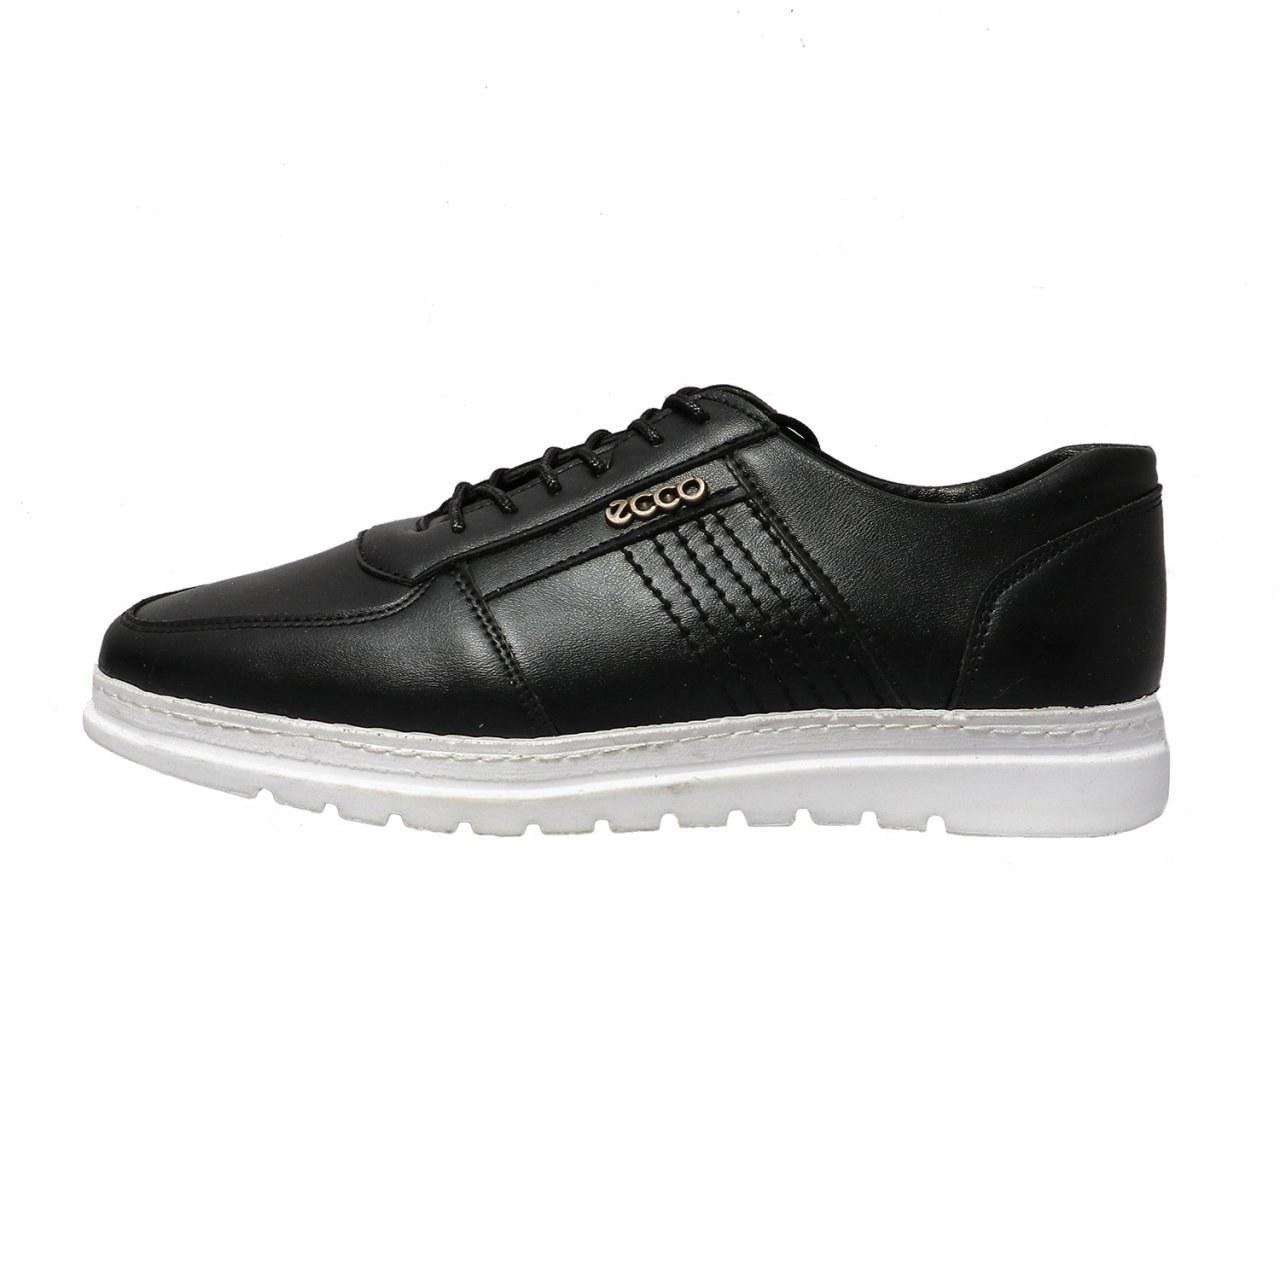 کفش روزمره مردانه طرح اکو کد 2011